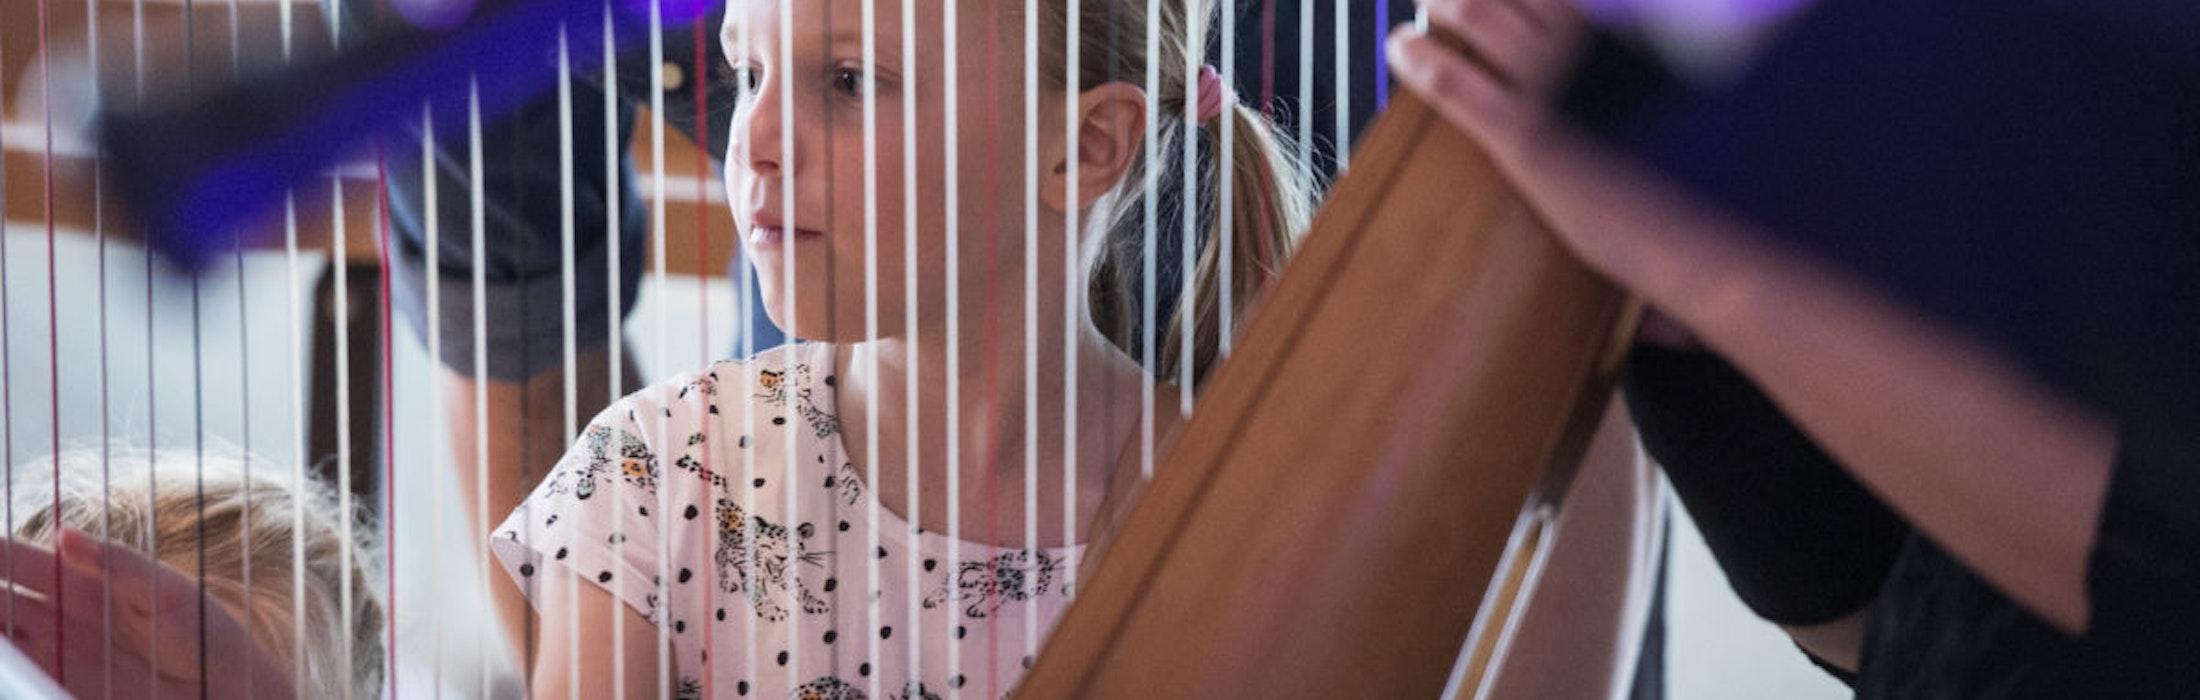 2017 Stavanger. Stavanger symfoniorkester (SSO) inviterte til åpen dag i Stavanger konserthus. Mange barn besøkte arrangementet. Bibi Kooij (8) spiller harpe sammen med søster Mia (3) og far Justin (42).